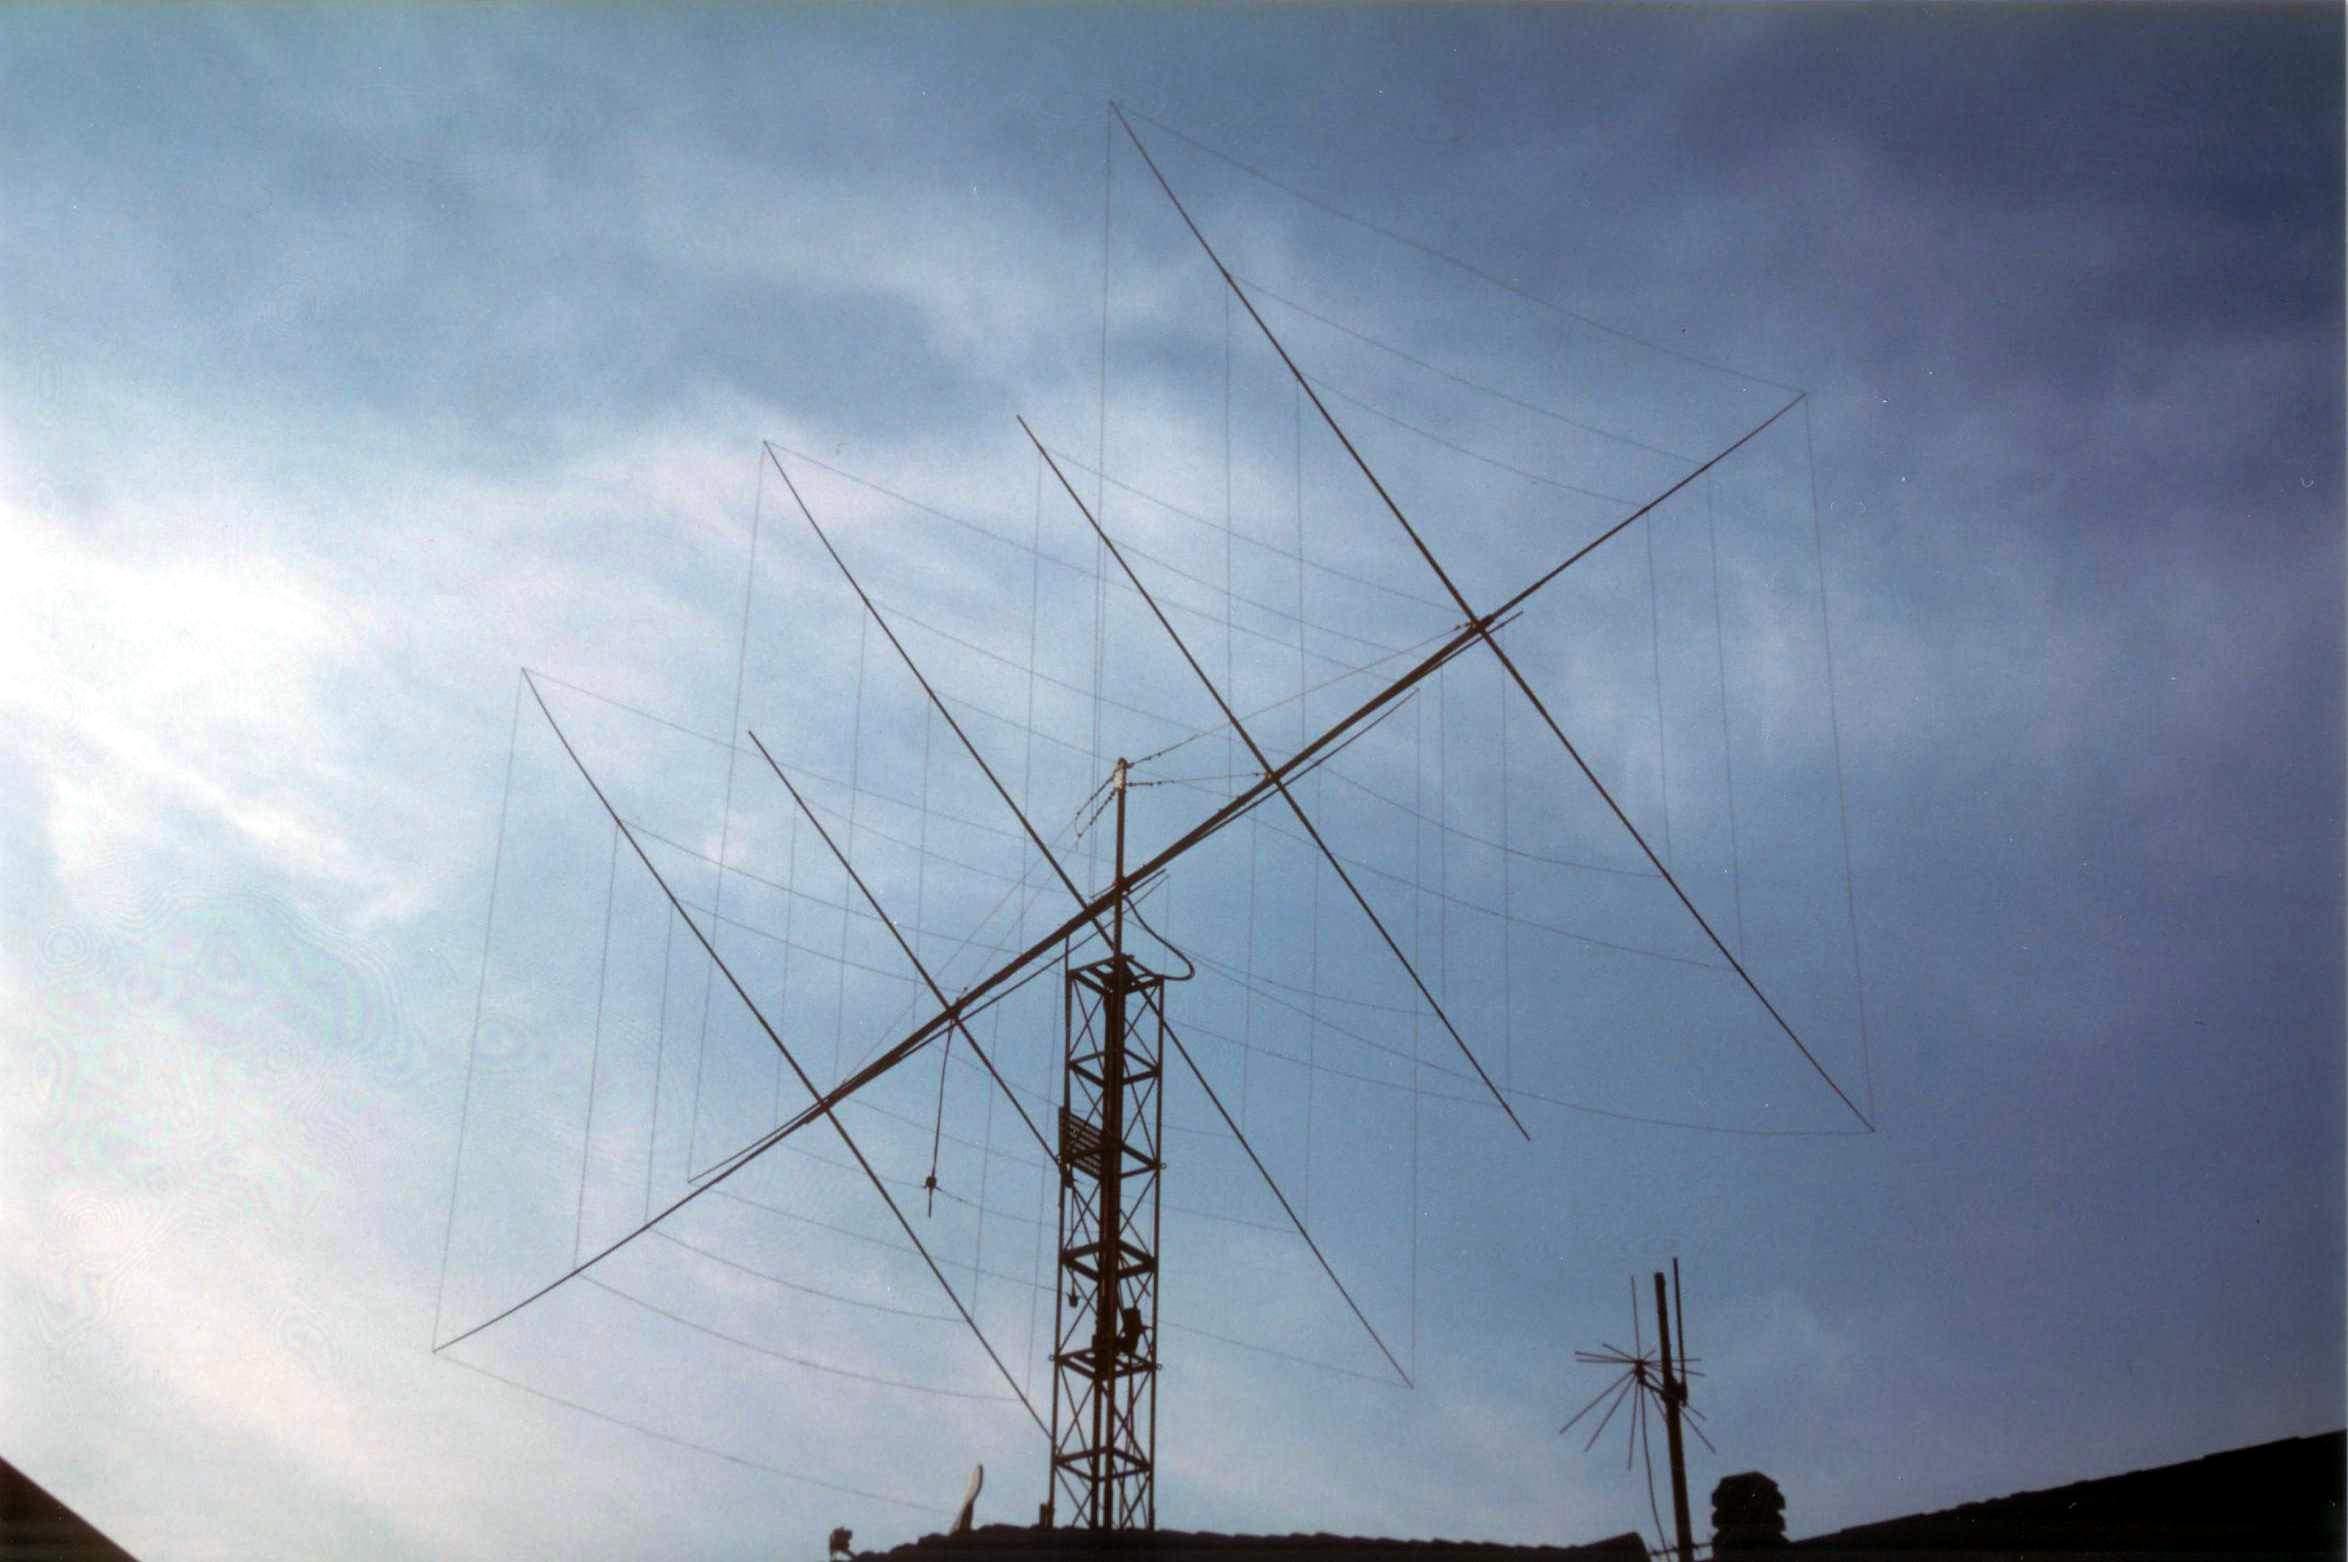 antenna ik2ygz